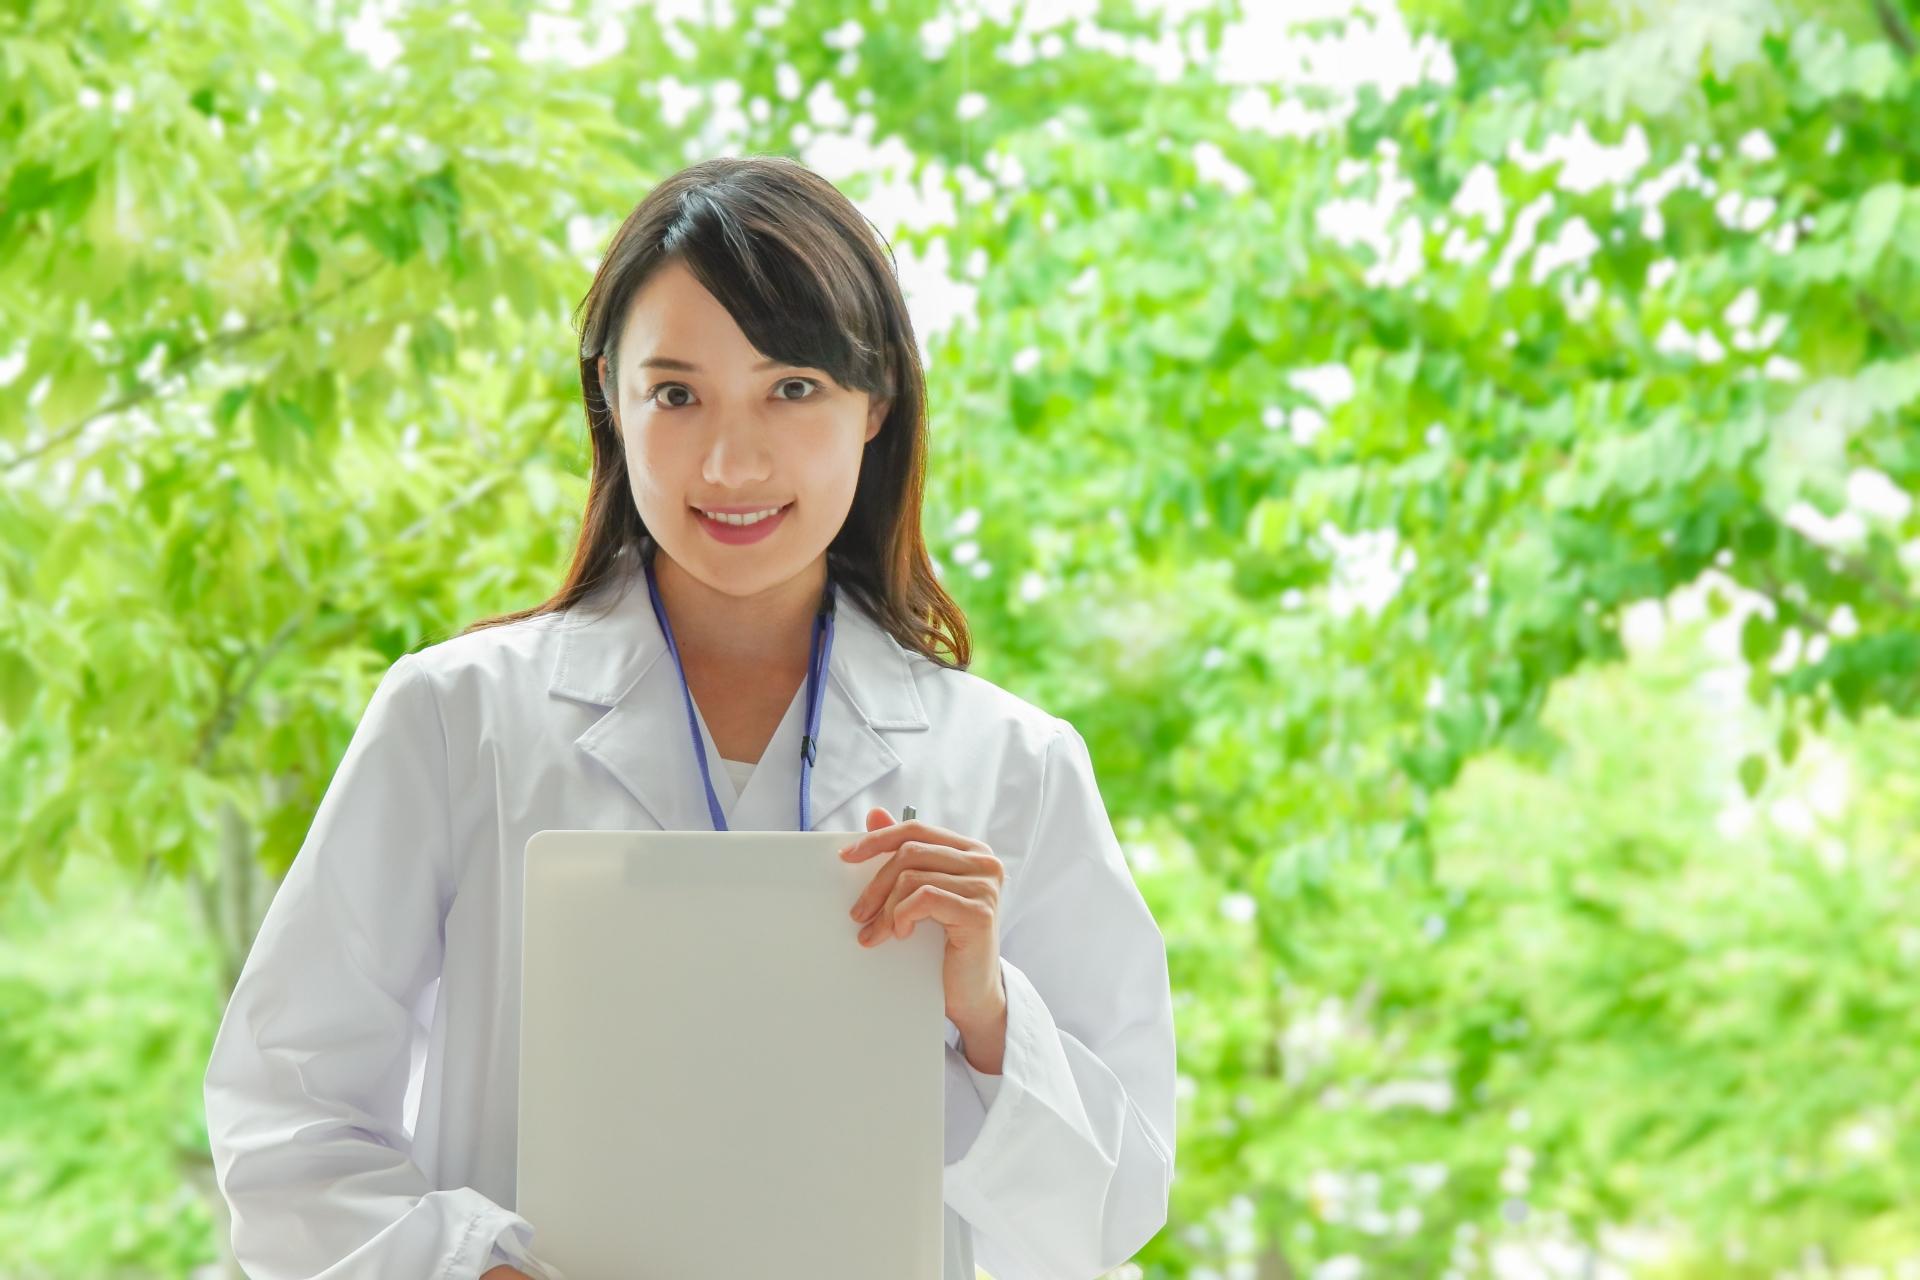 薬剤師の働き方は様々!雇用形態、職場、勤務時間帯の違いを解説